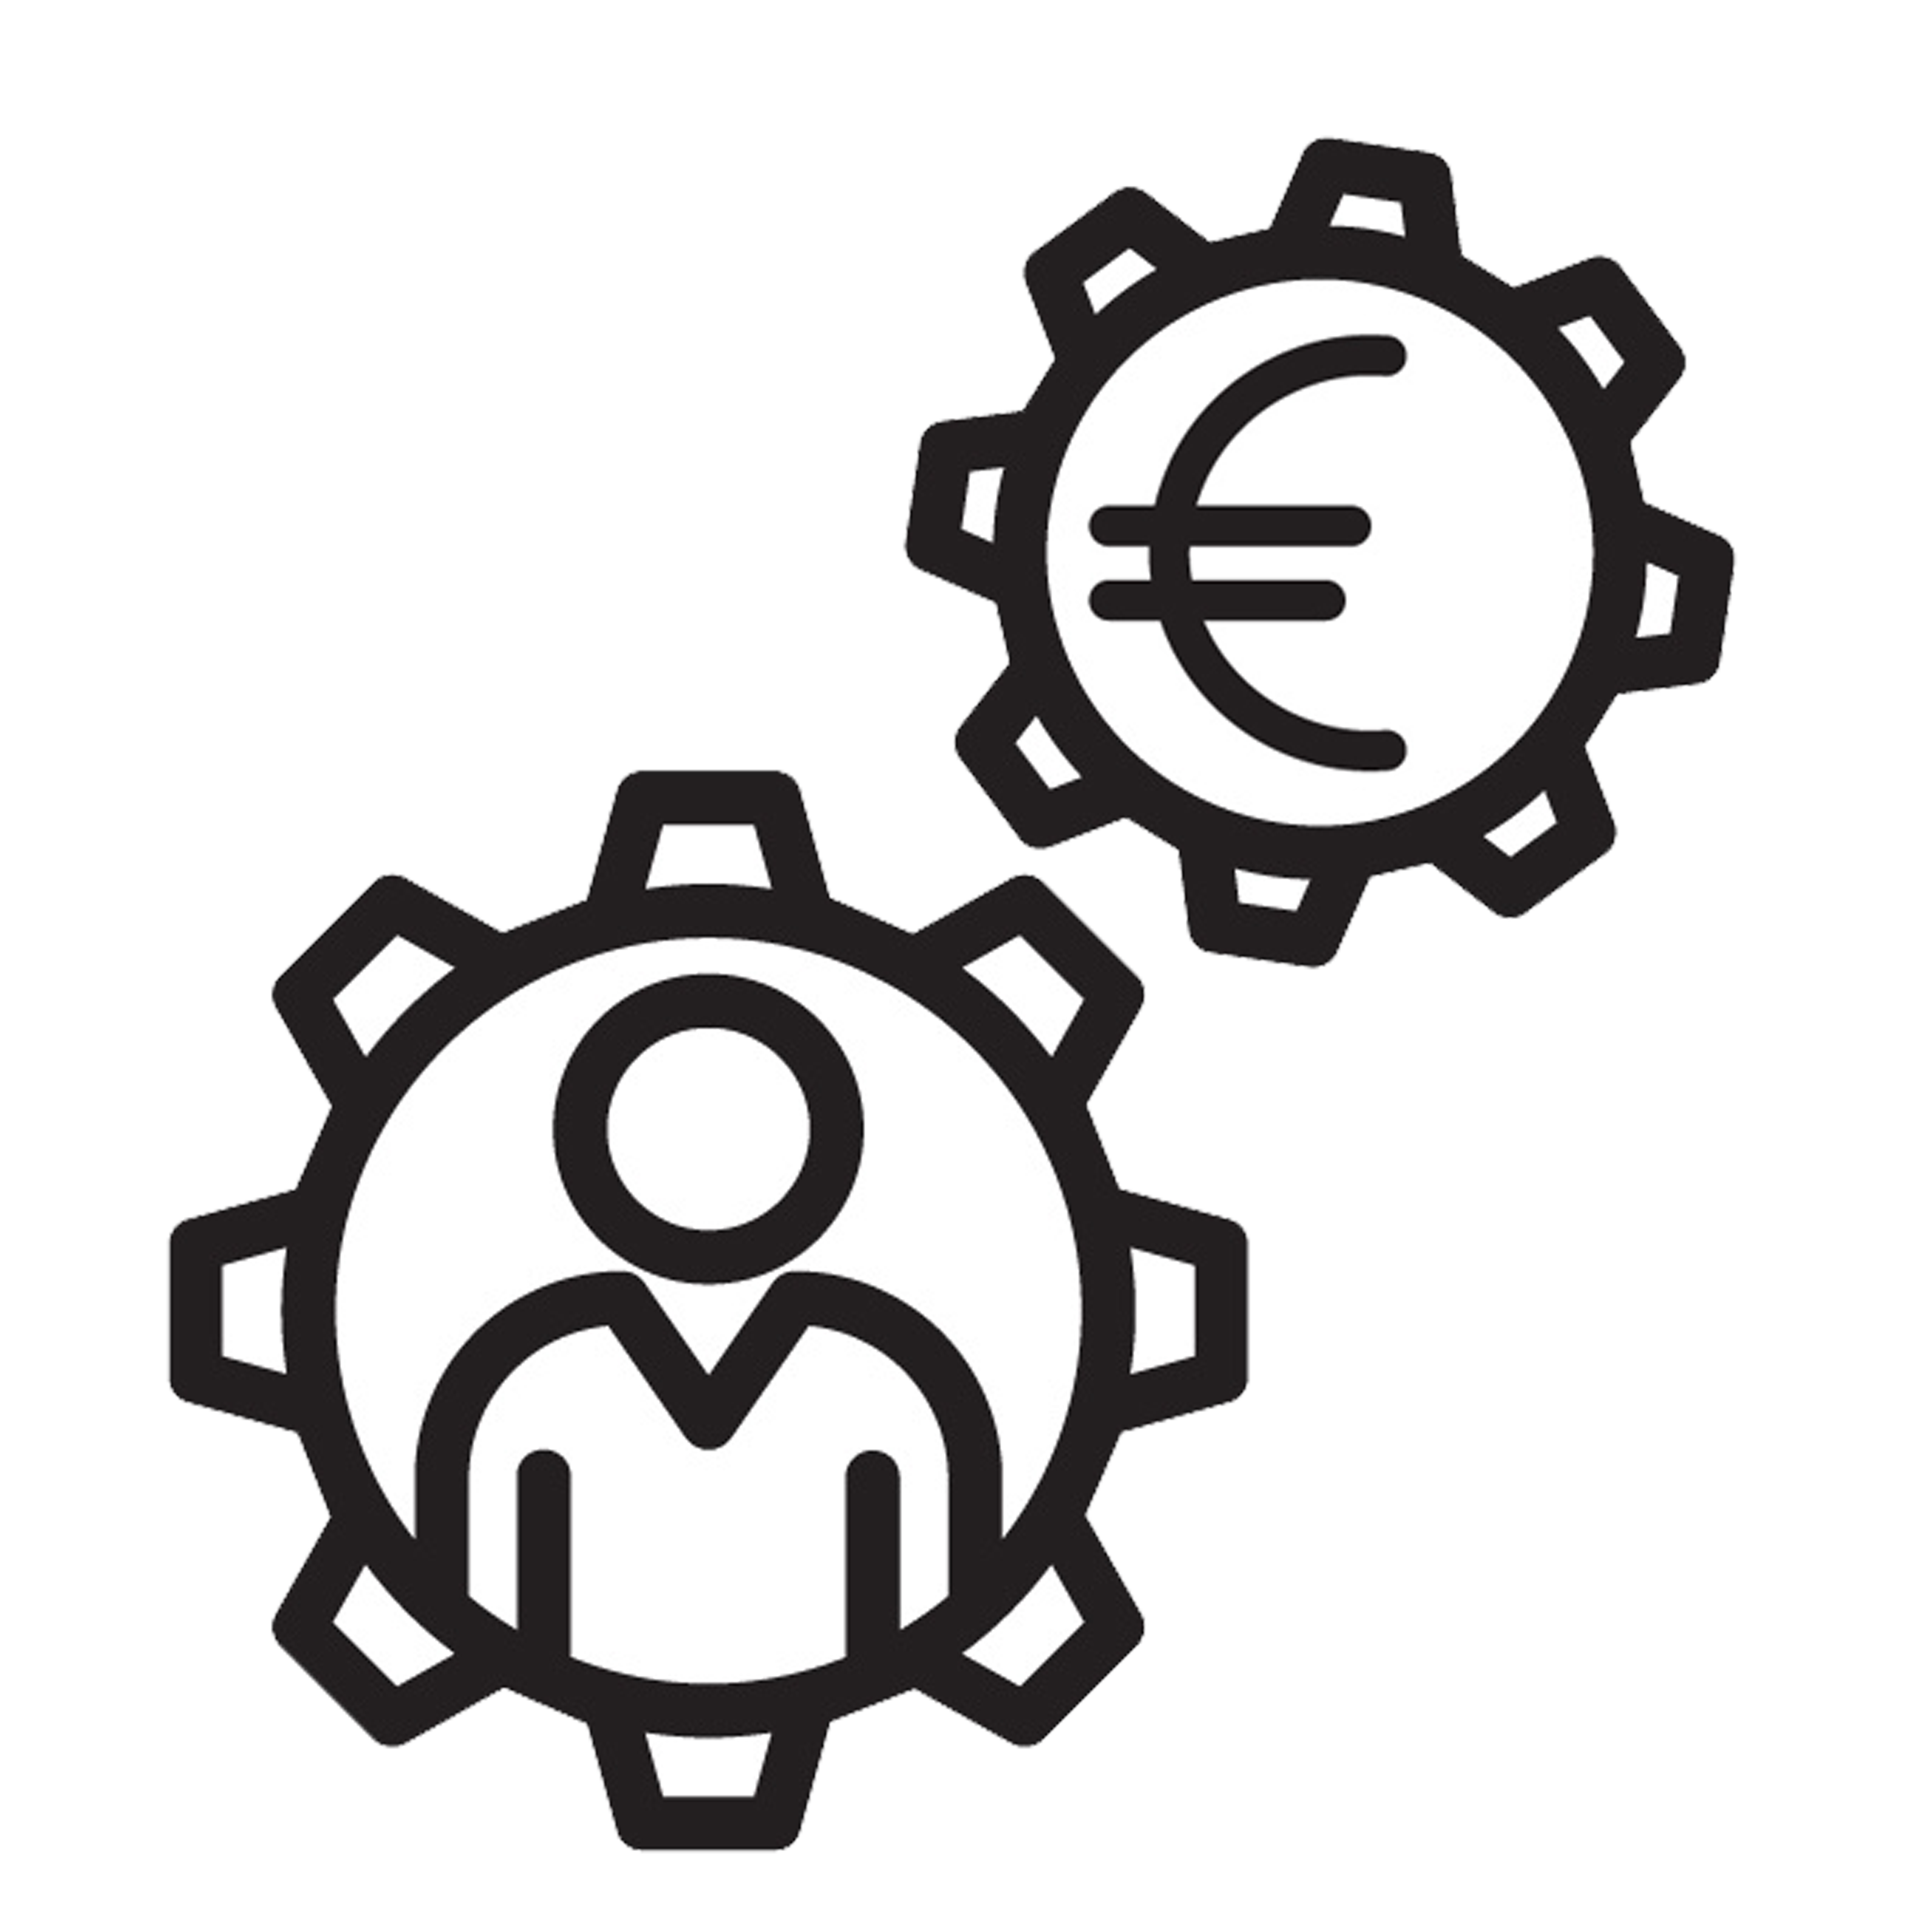 kirjanpito-ohjelma, Visma.net talous